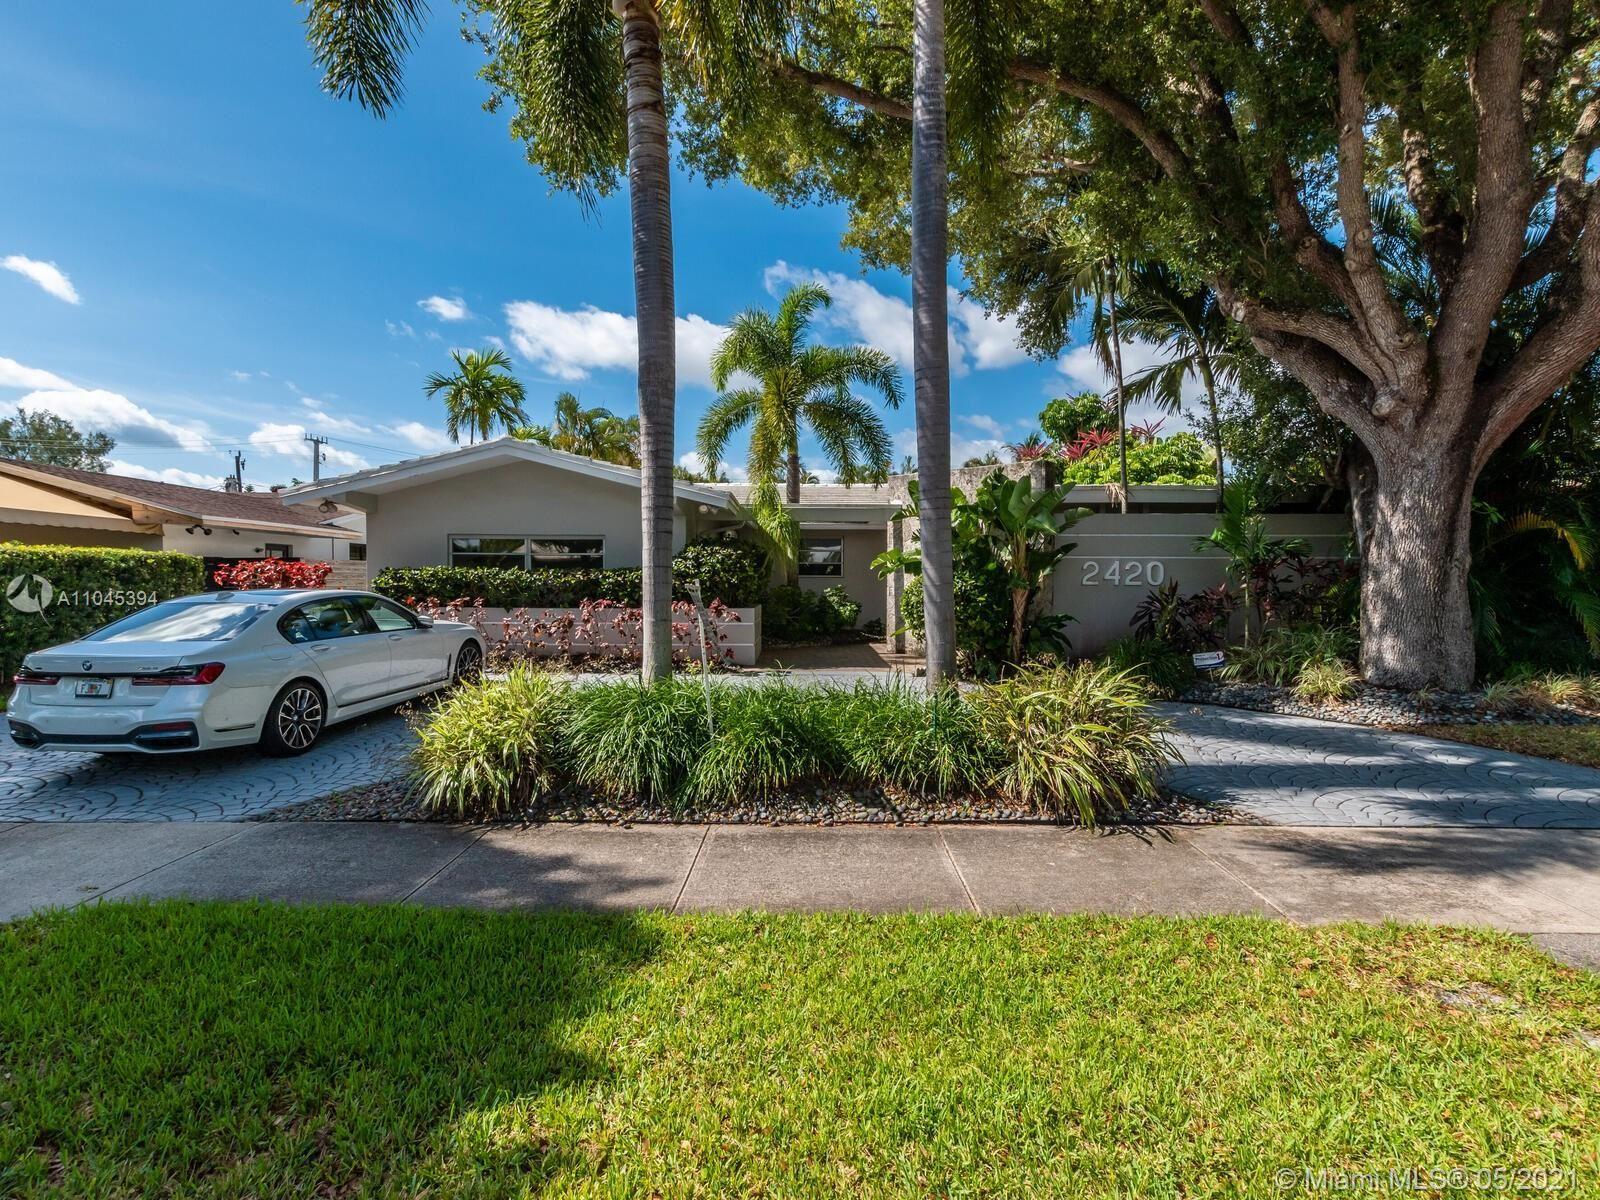 2420 NE 200th St, Miami, FL 33180 - #: A11045394